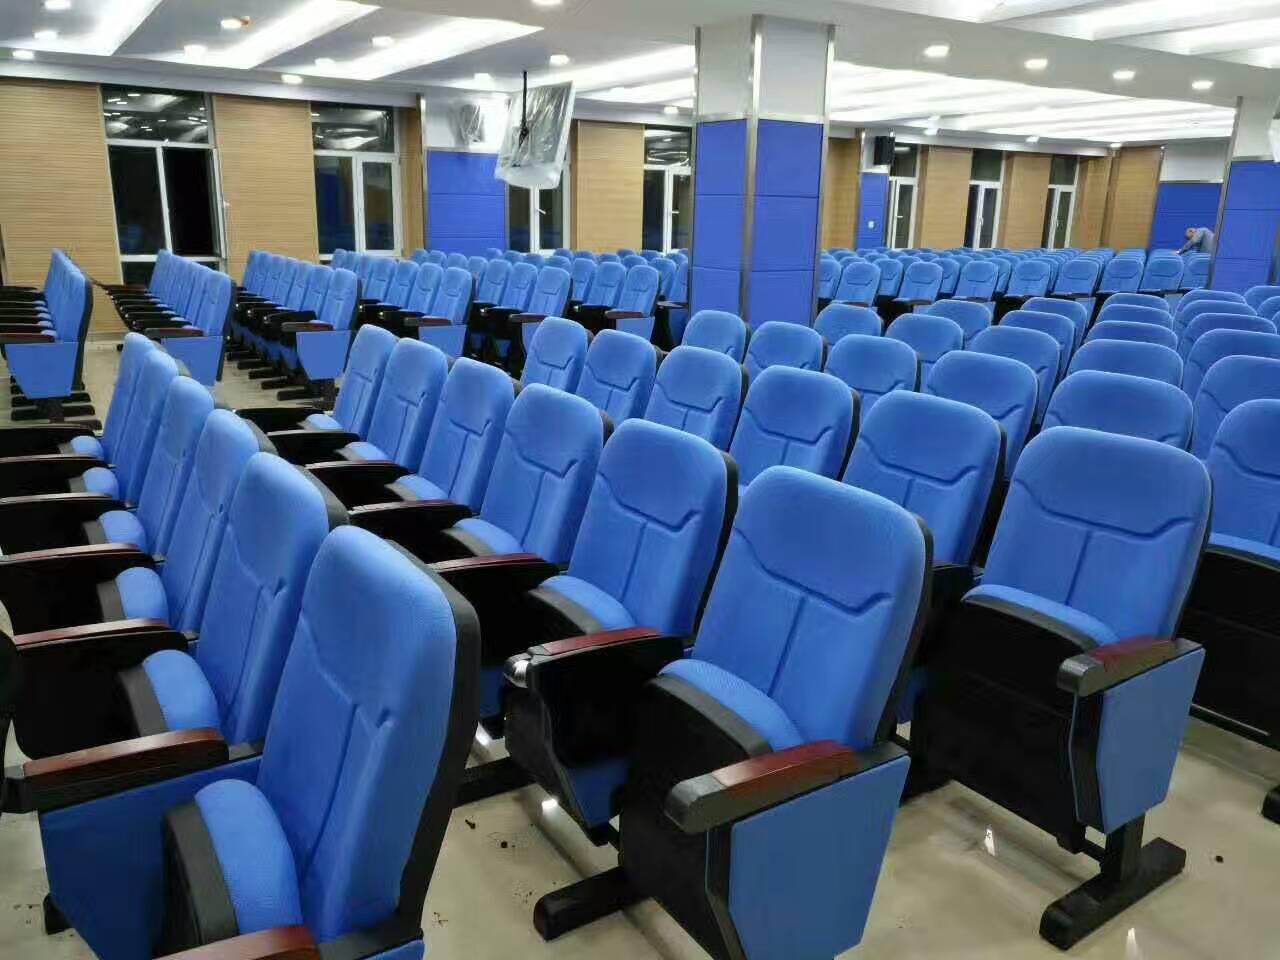 報告廳會議椅-報告廳組合椅-會議室報告廳座椅28860442